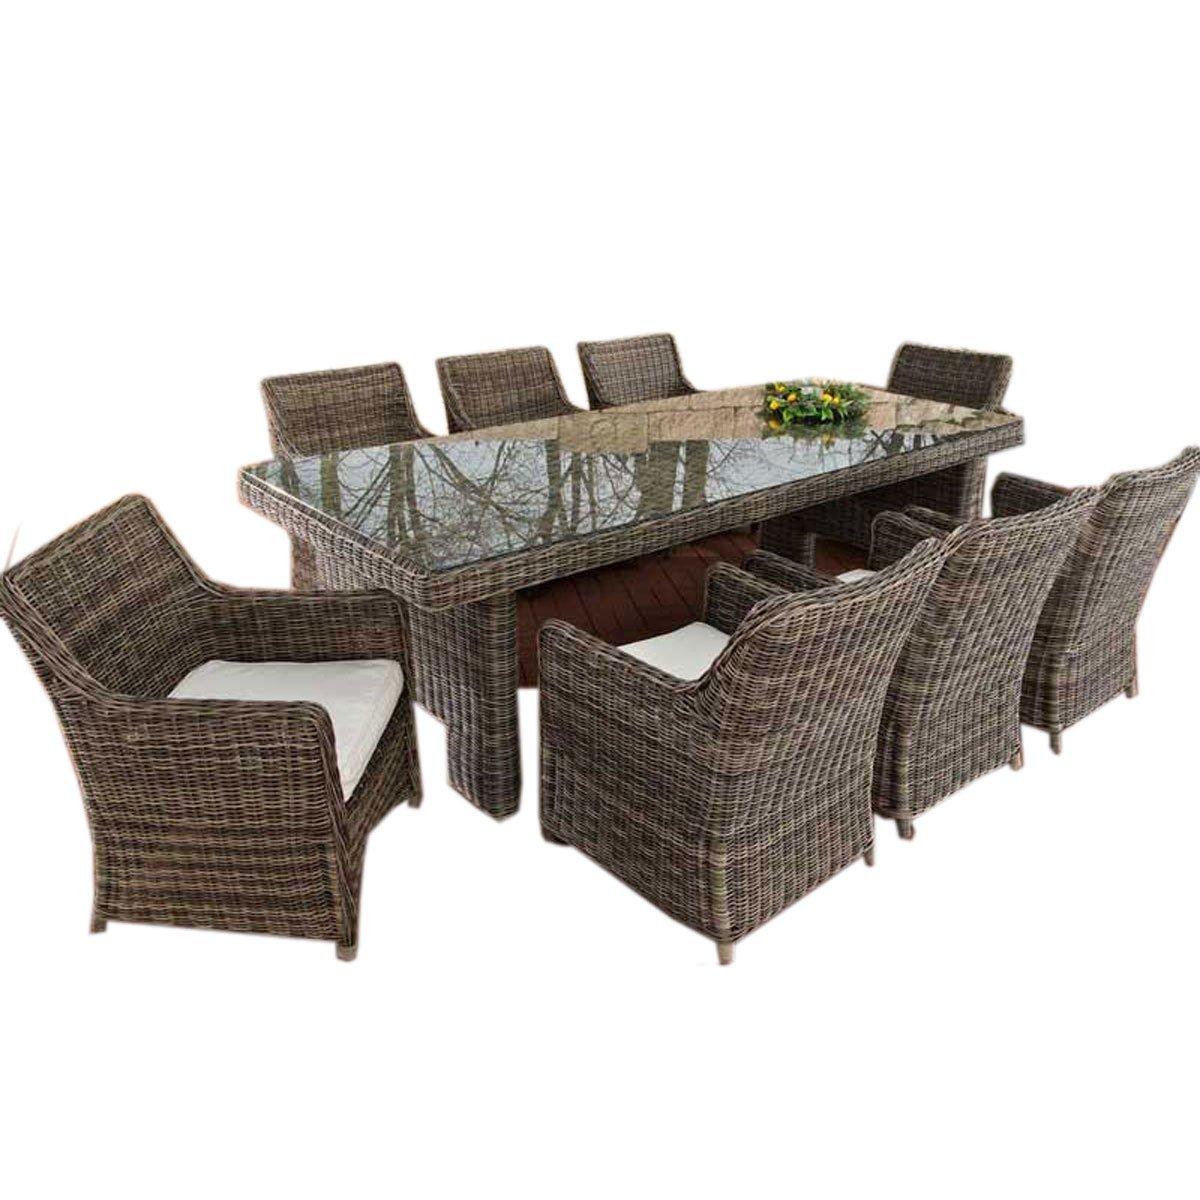 Conjunto de jard n lujo arenanes xl gris moteado conjunto muebles de jard n lujo arenanes xl - Conjunto muebles de jardin ...